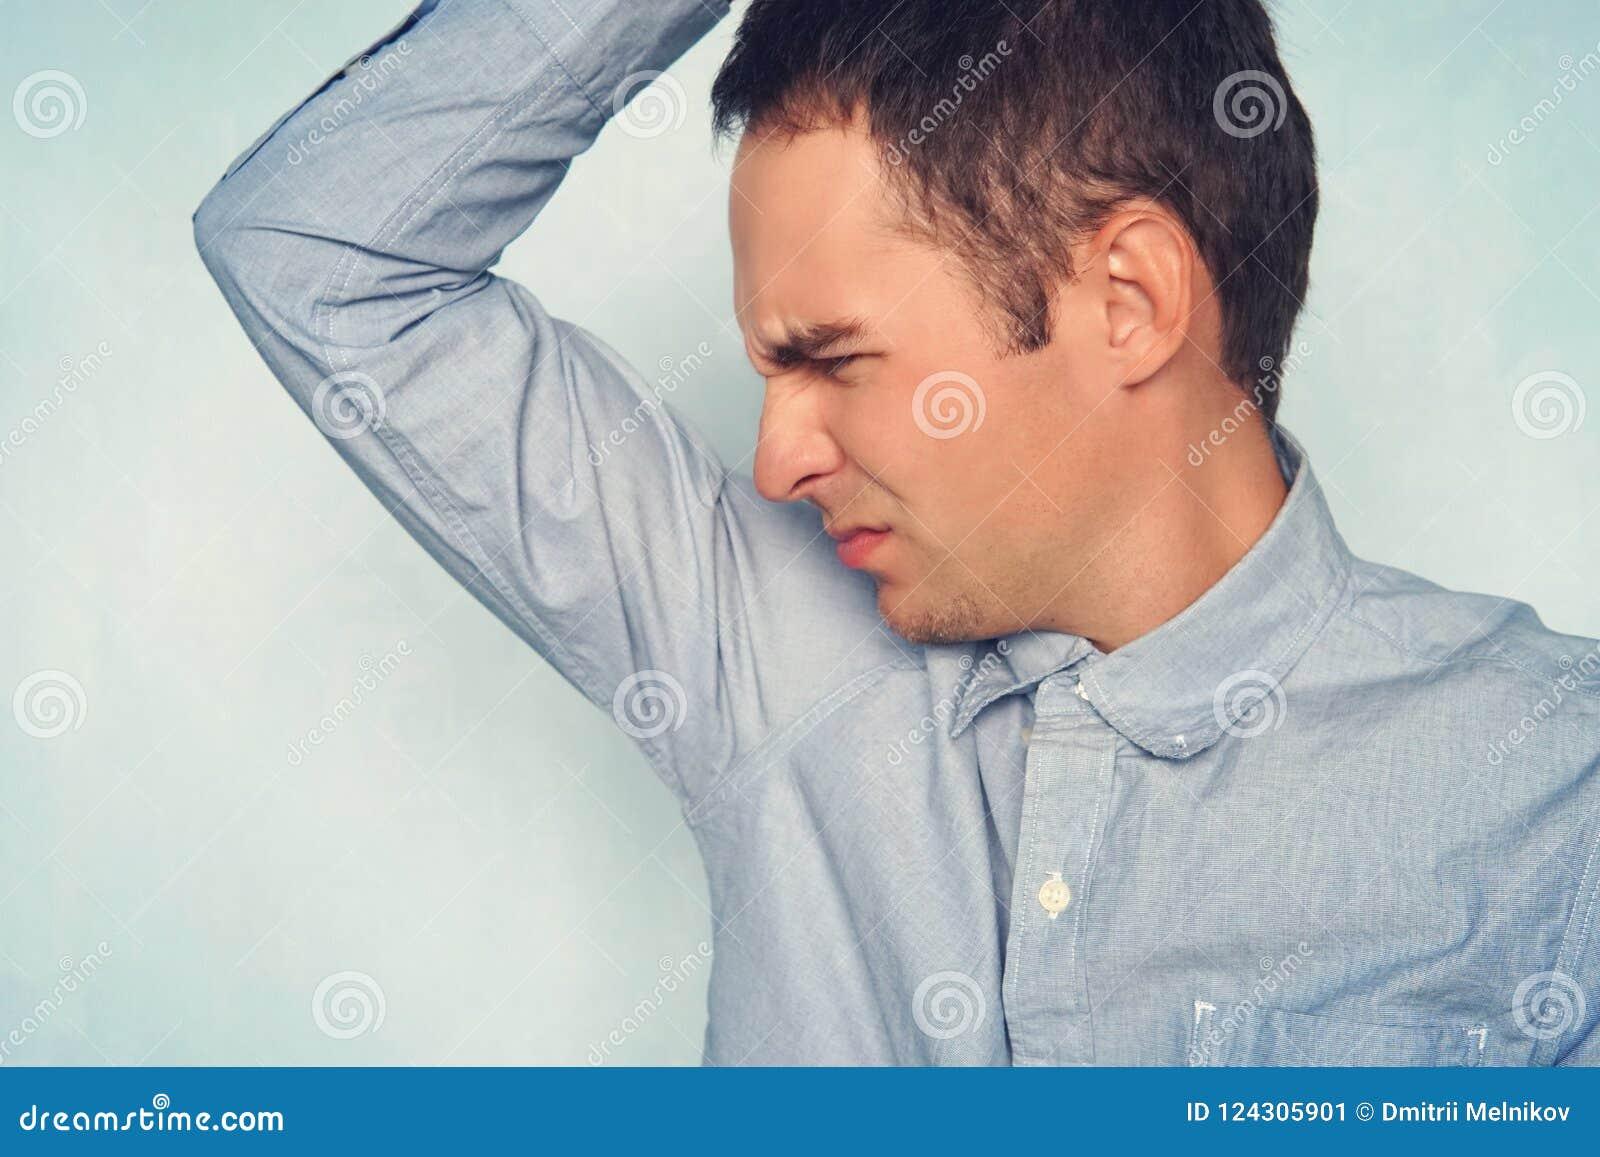 Bedrijfsmens met het zweten onder oksel in blauw overhemd de jonge kerel snuift zijn oksels en maakt een ontstemde uitdrukking